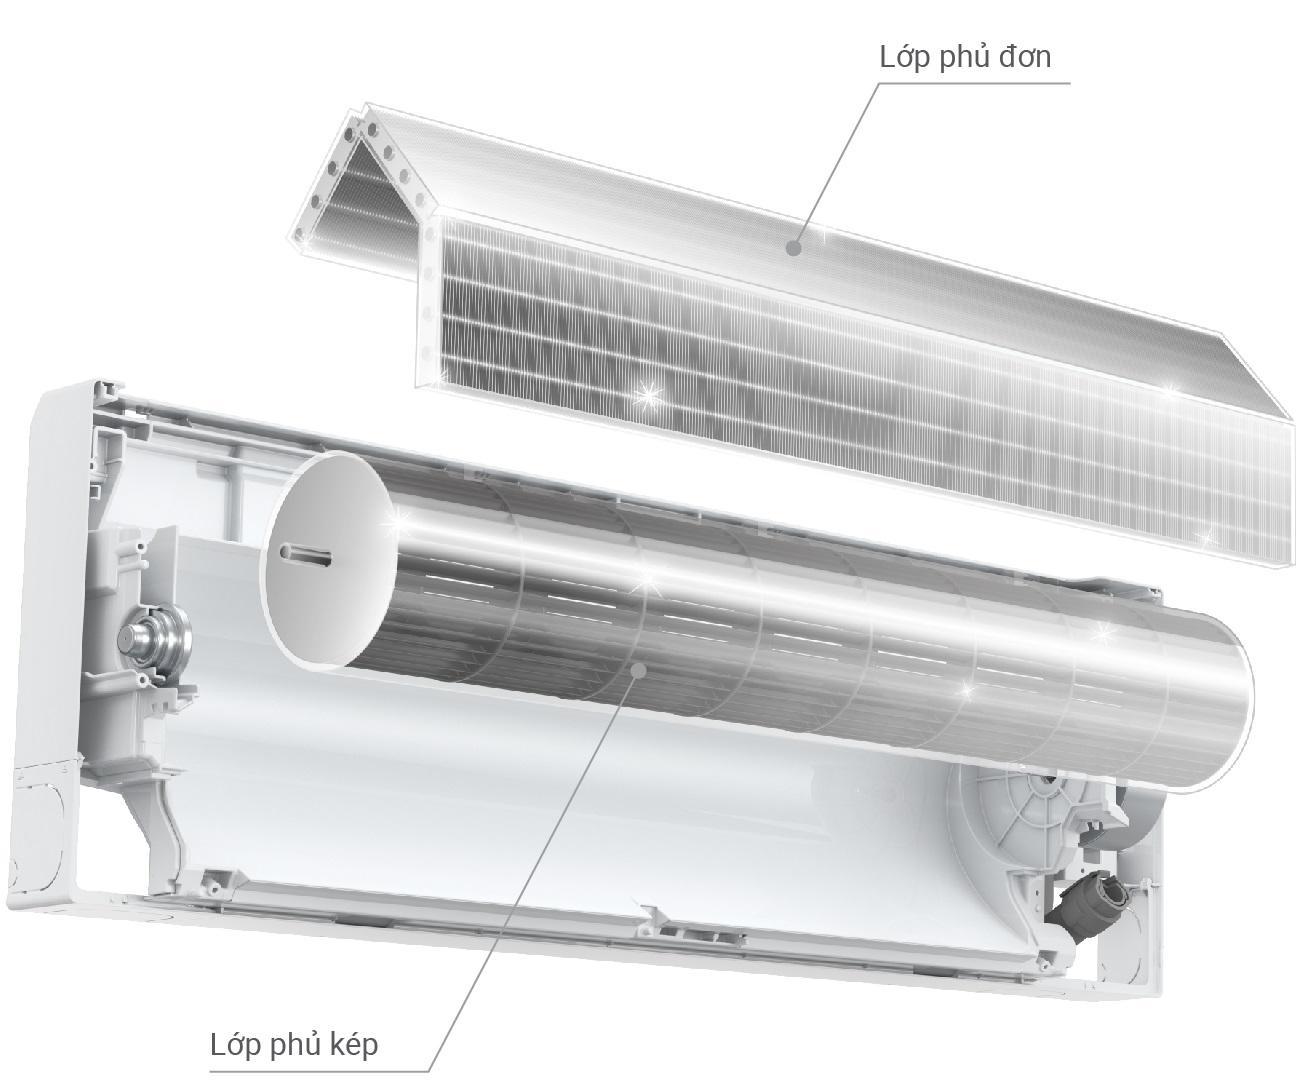 Máy lạnh Mitsubishi Electric MS-HP50VF trang bị công nghệ lớp phủ mới nhất